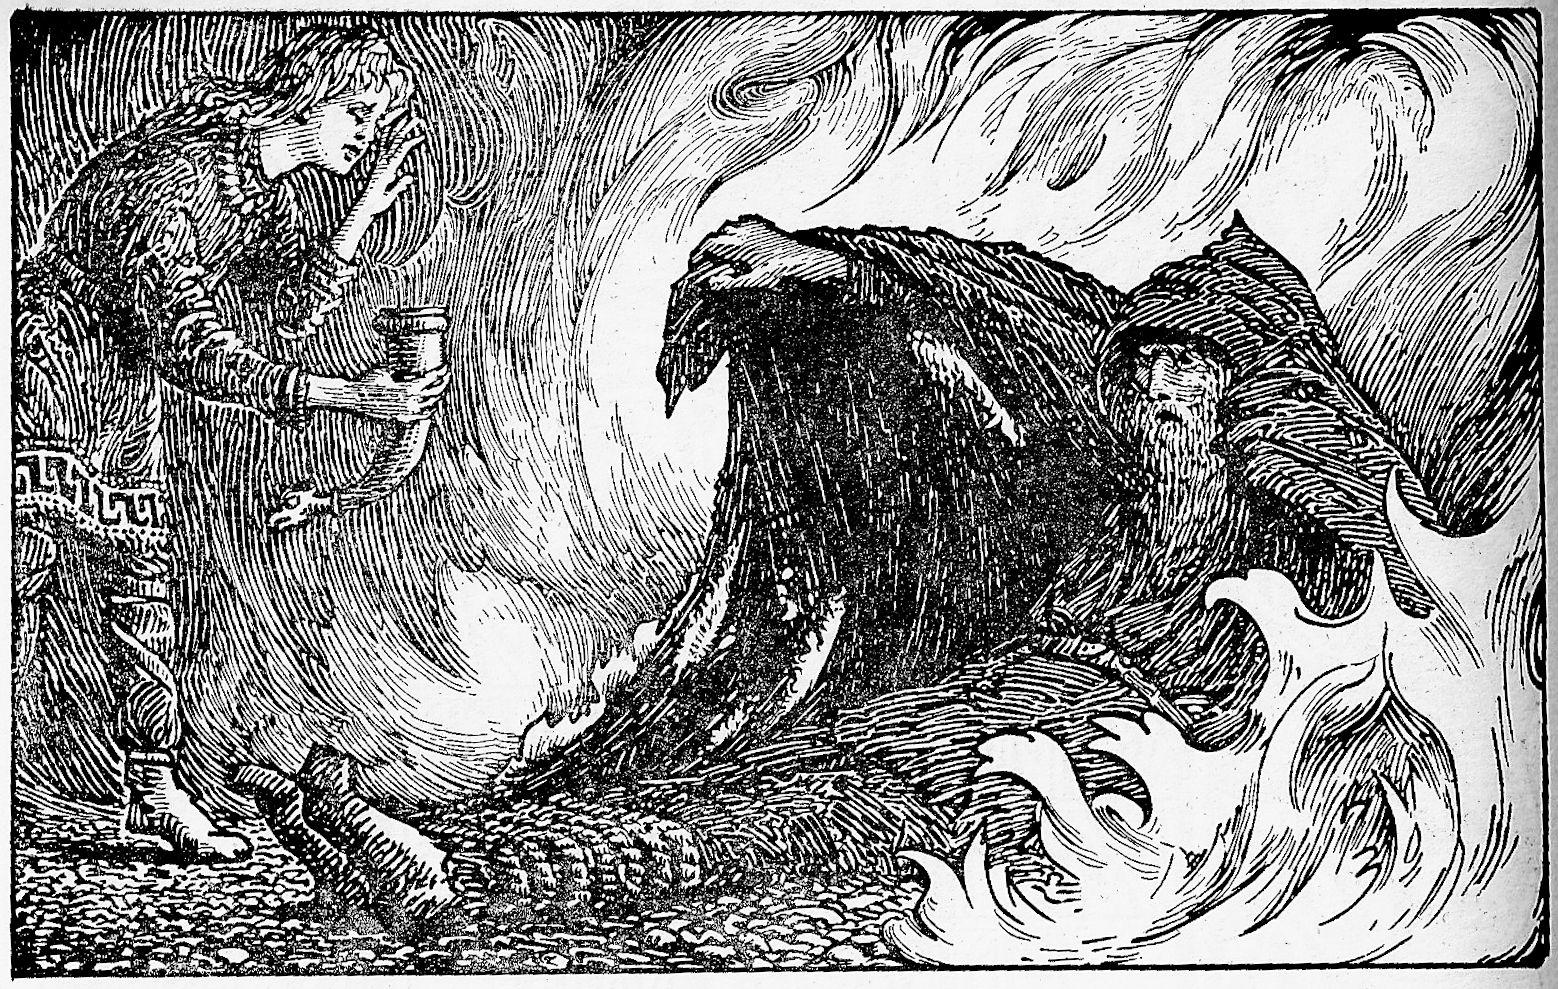 Odín envuelto en llamas mientras Agnar se acerca con un cuerno lleno de agua para saciar la sed del dios. Pintura de W.G. Collingwood.